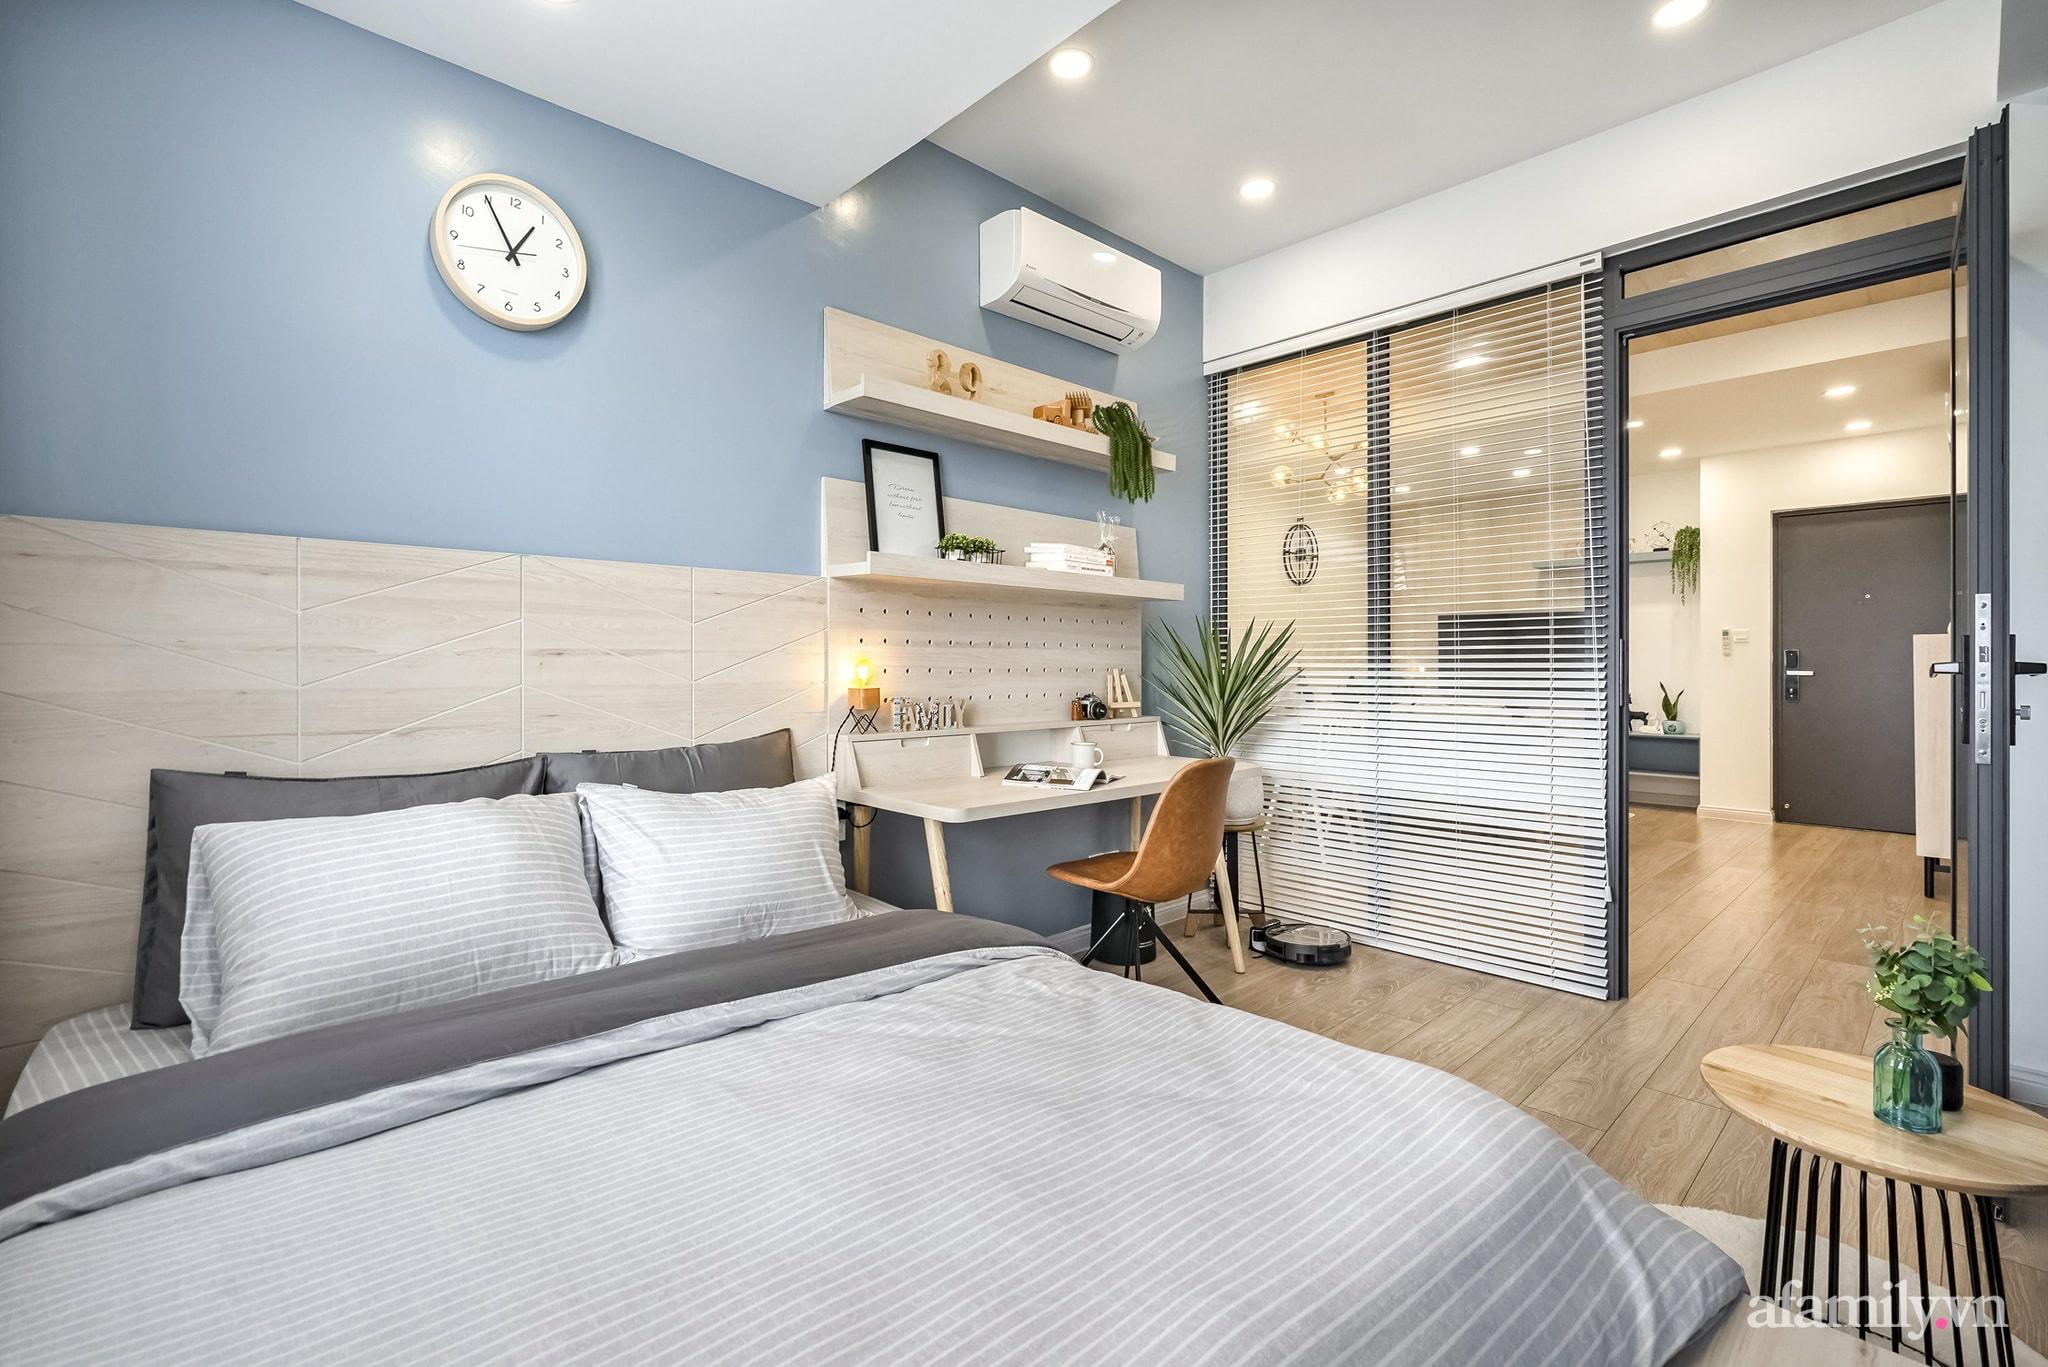 Căn hộ 65m² màu xanh yên bình của chàng trai quyết tâm mua nhà trước tuổi 30 ở Sài Gòn - Ảnh 12.